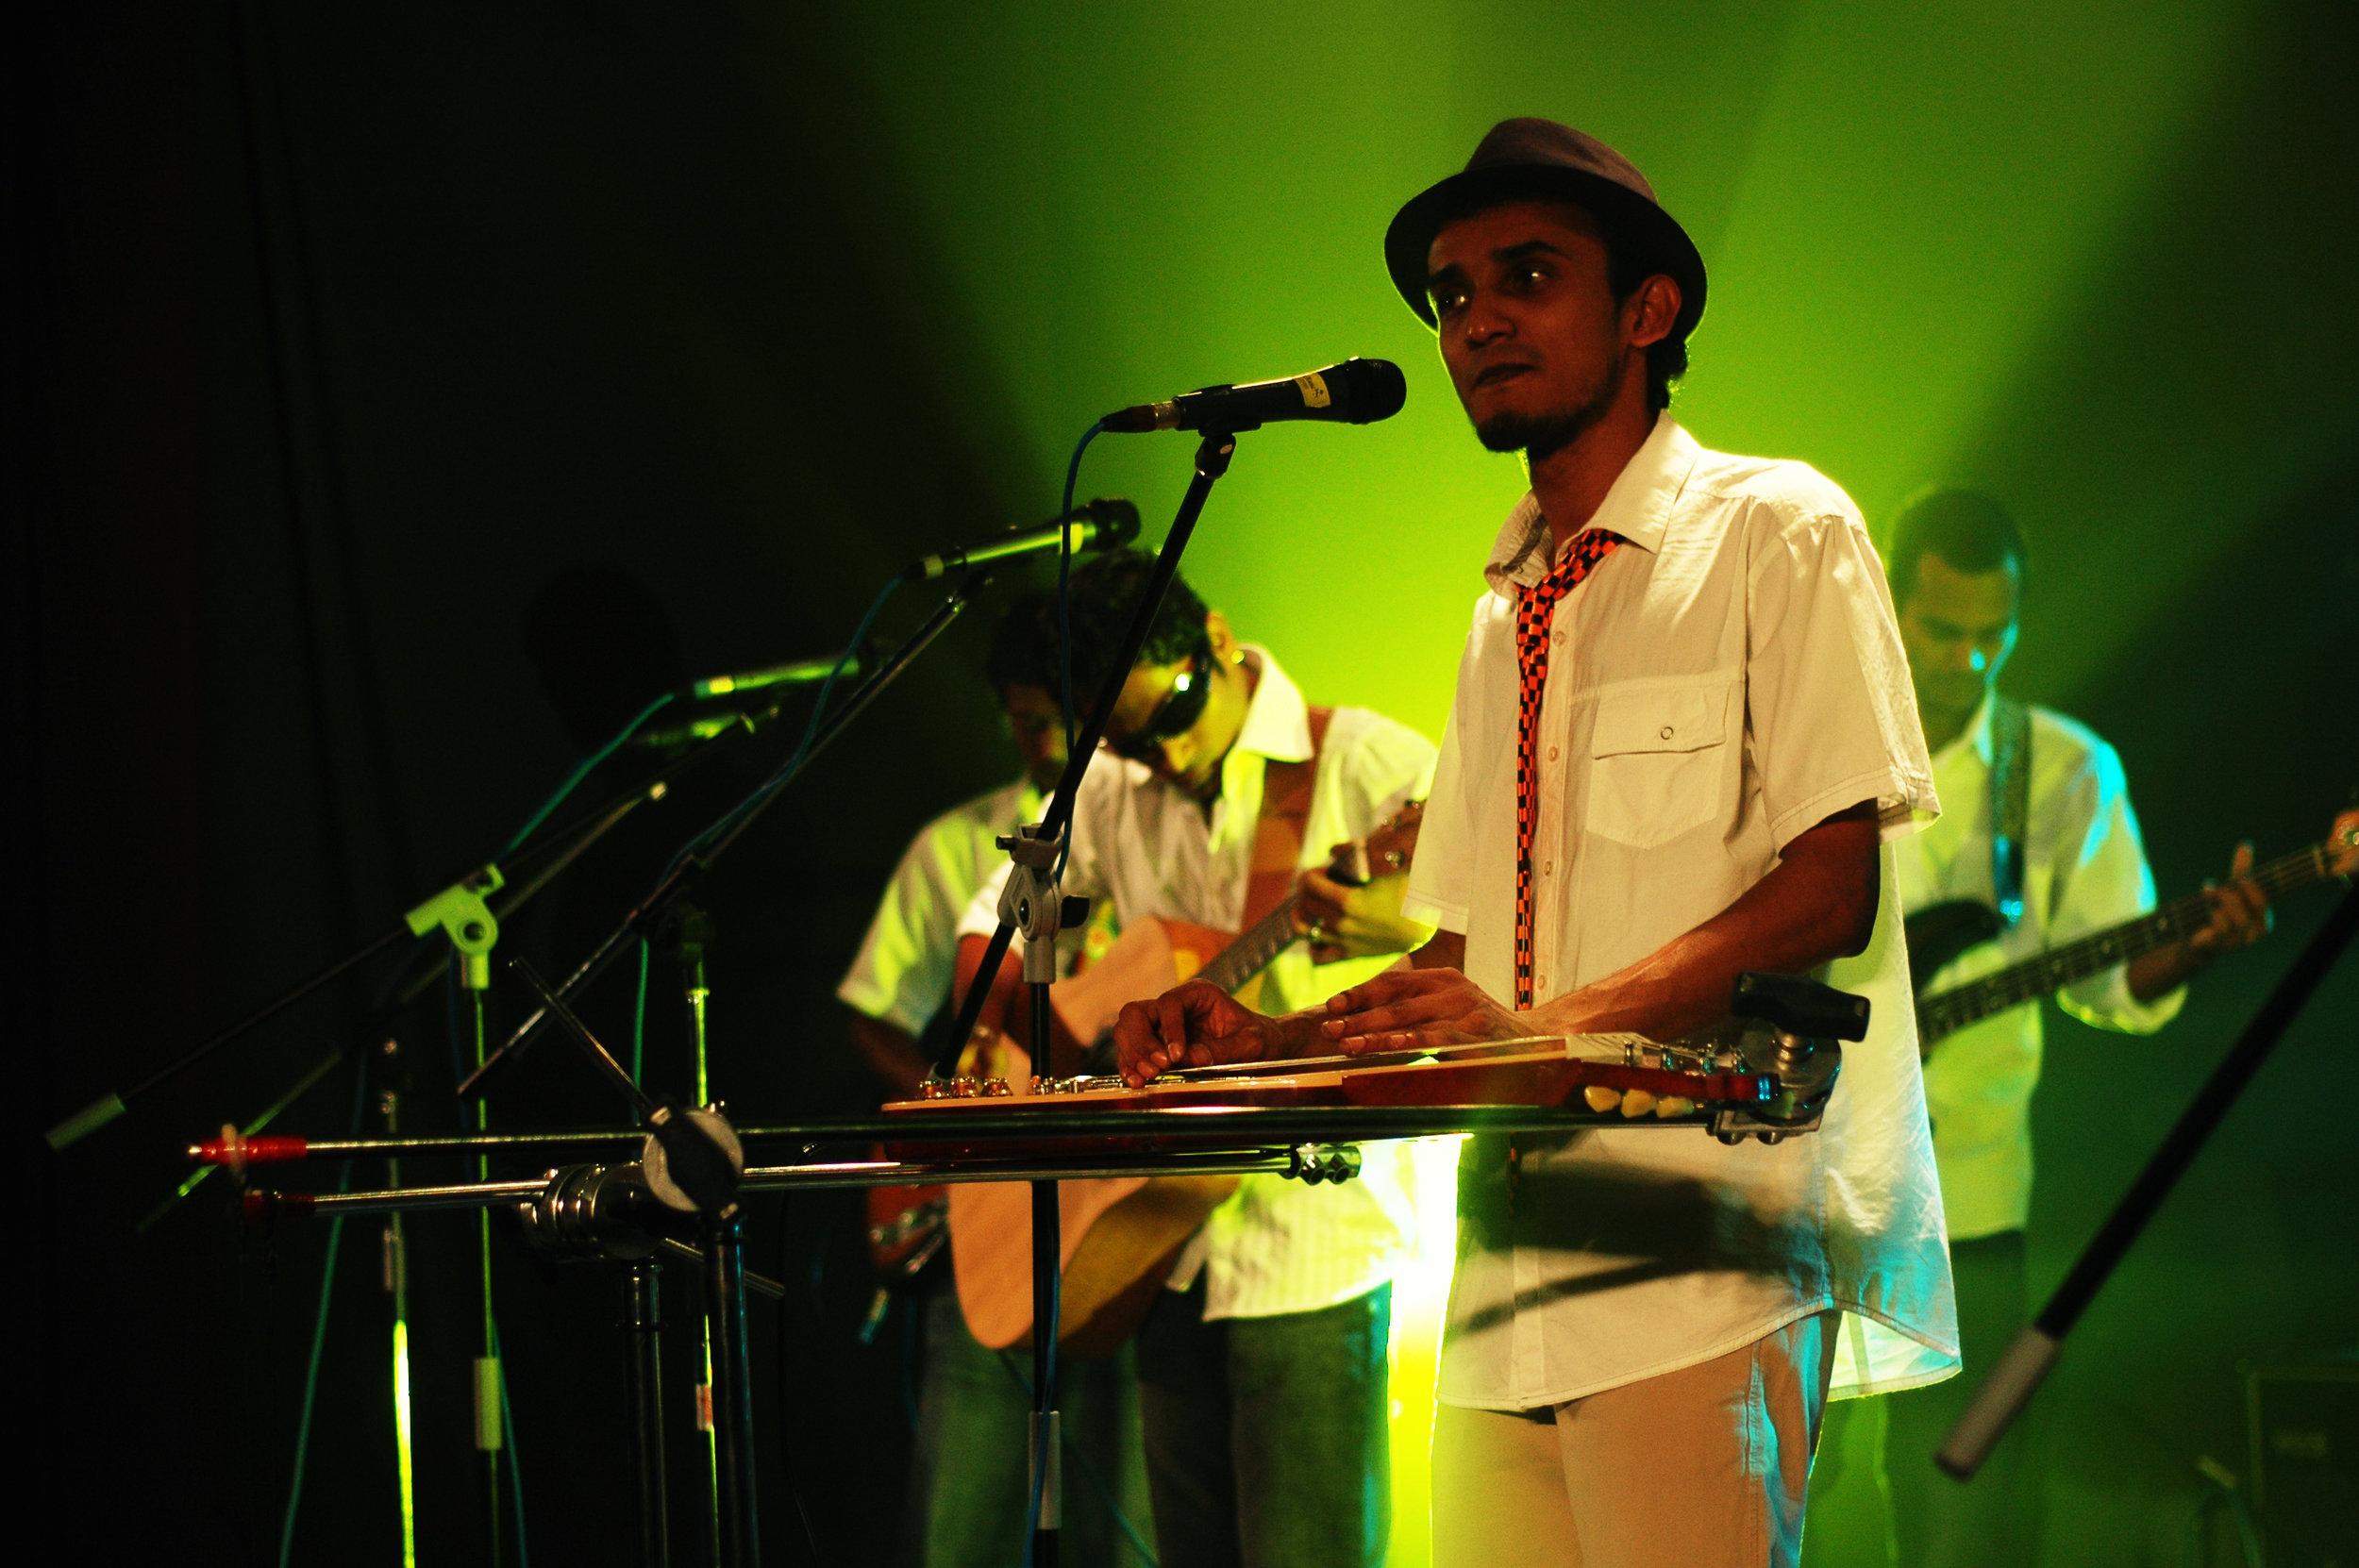 2009-08-19 - Male' City - Dharubaaruge' - Eku Ekee Album Launch - D70s-7972.jpg